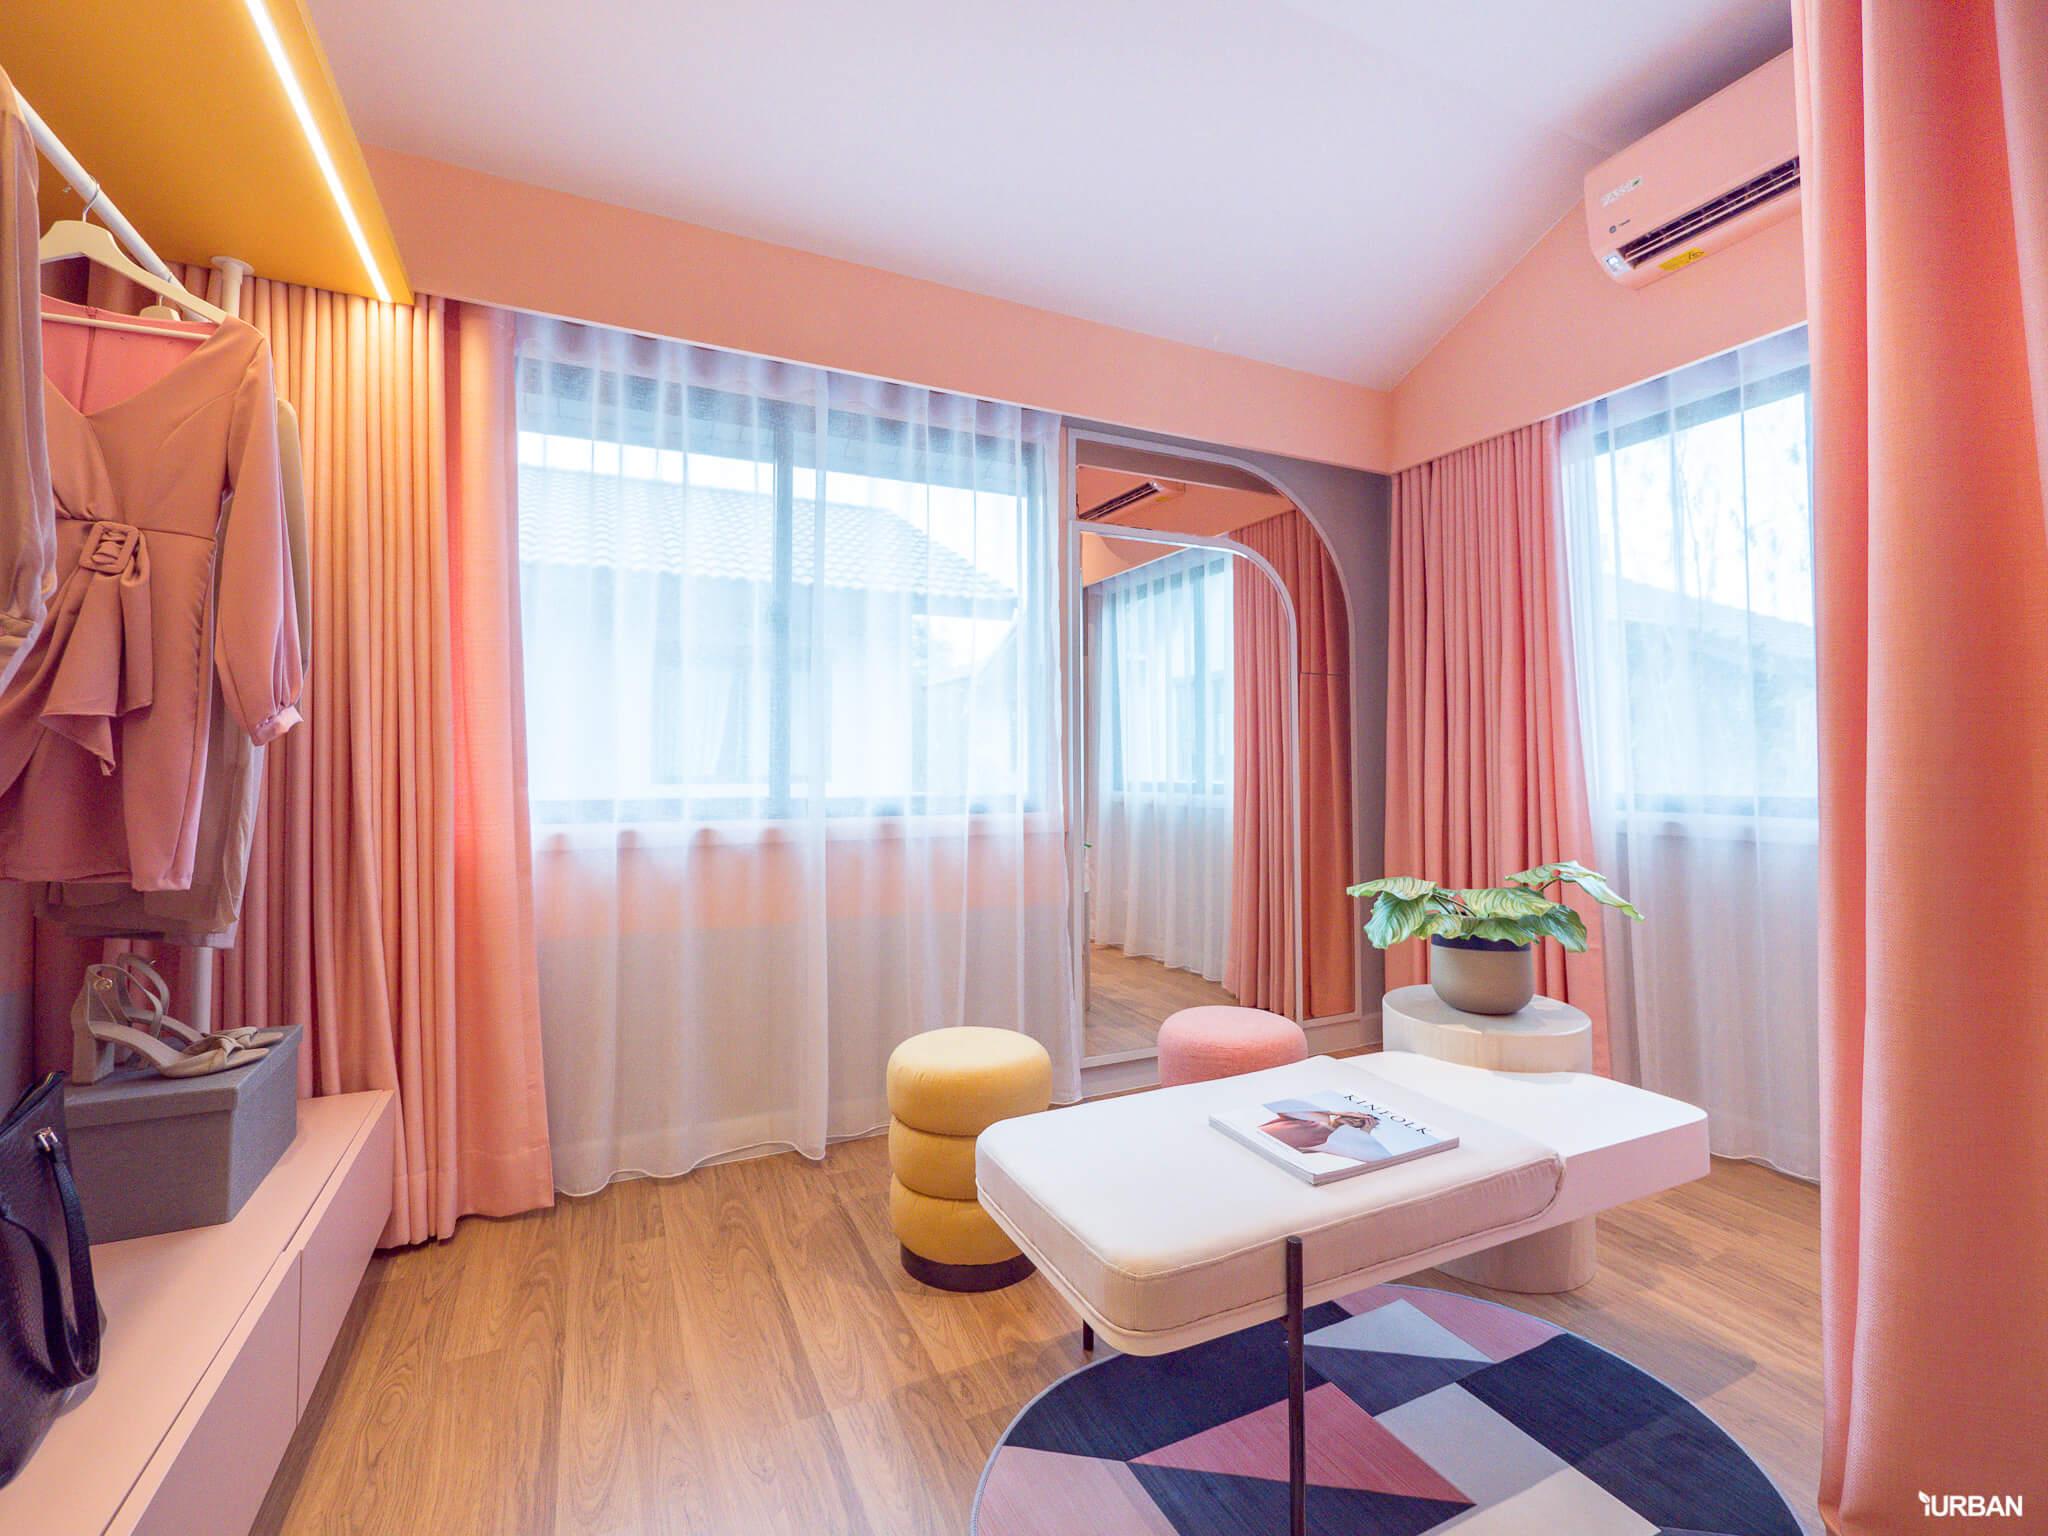 """แสนสิริ ยอดขายแนวราบโตเฉียด 100% รุกด้วย อณาสิริ ผนึกพันธมิตร 3 แบรนด์ดัง เติมเต็ม """"ความพอดีที่ลงตัว"""" 27 - JYSK Thailand"""